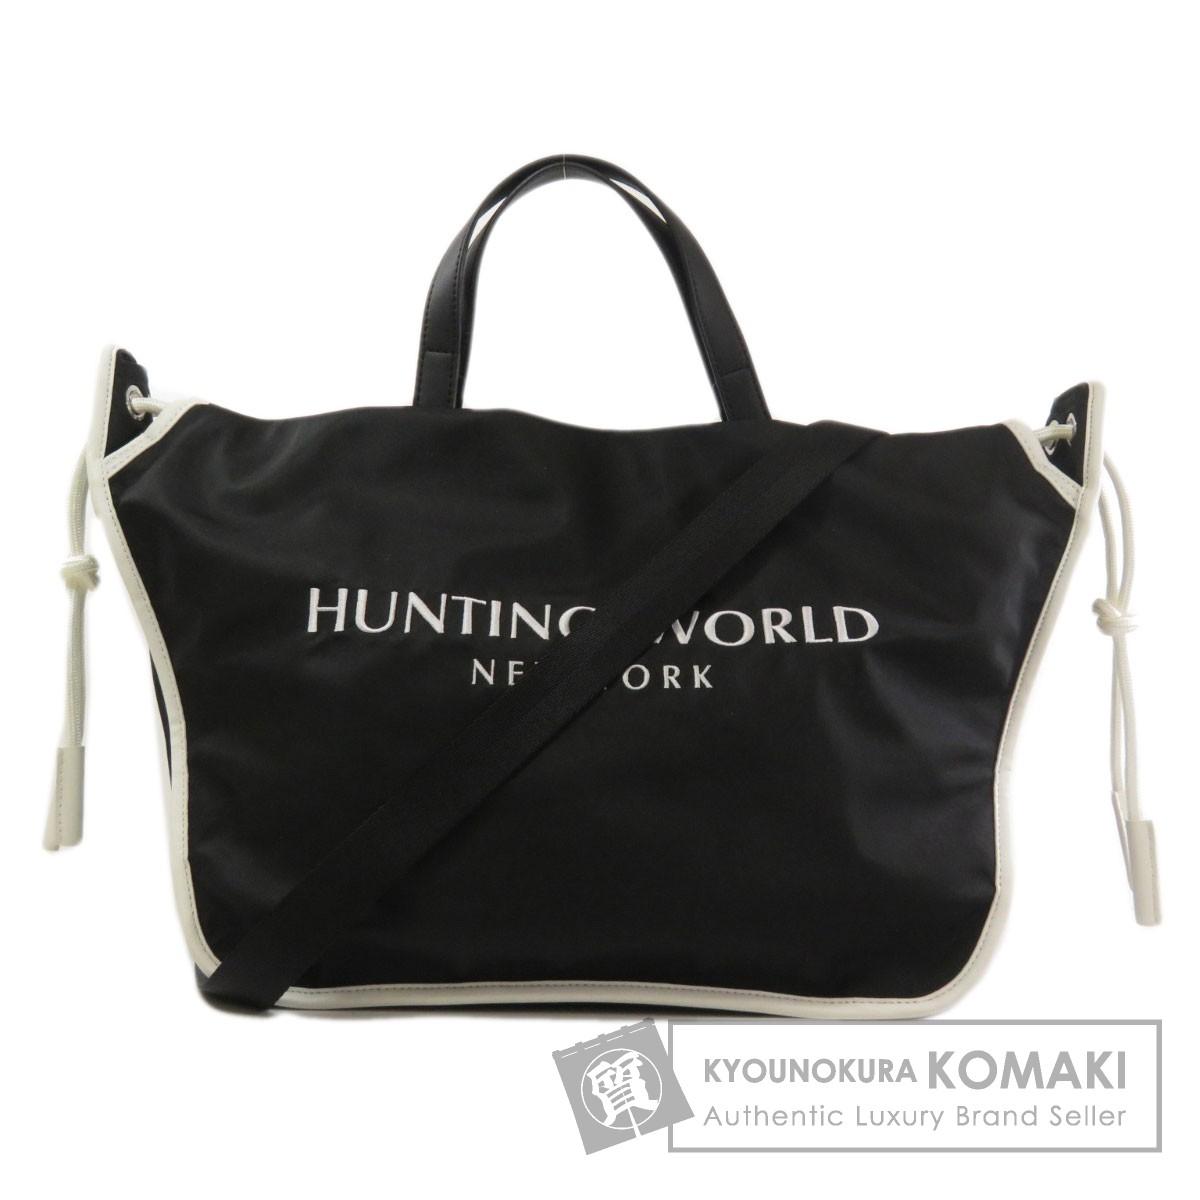 ハンティングワールド ロゴ 2way ハンドバッグ ナイロン素材 レディース 【中古】【HUNTING WORLD】